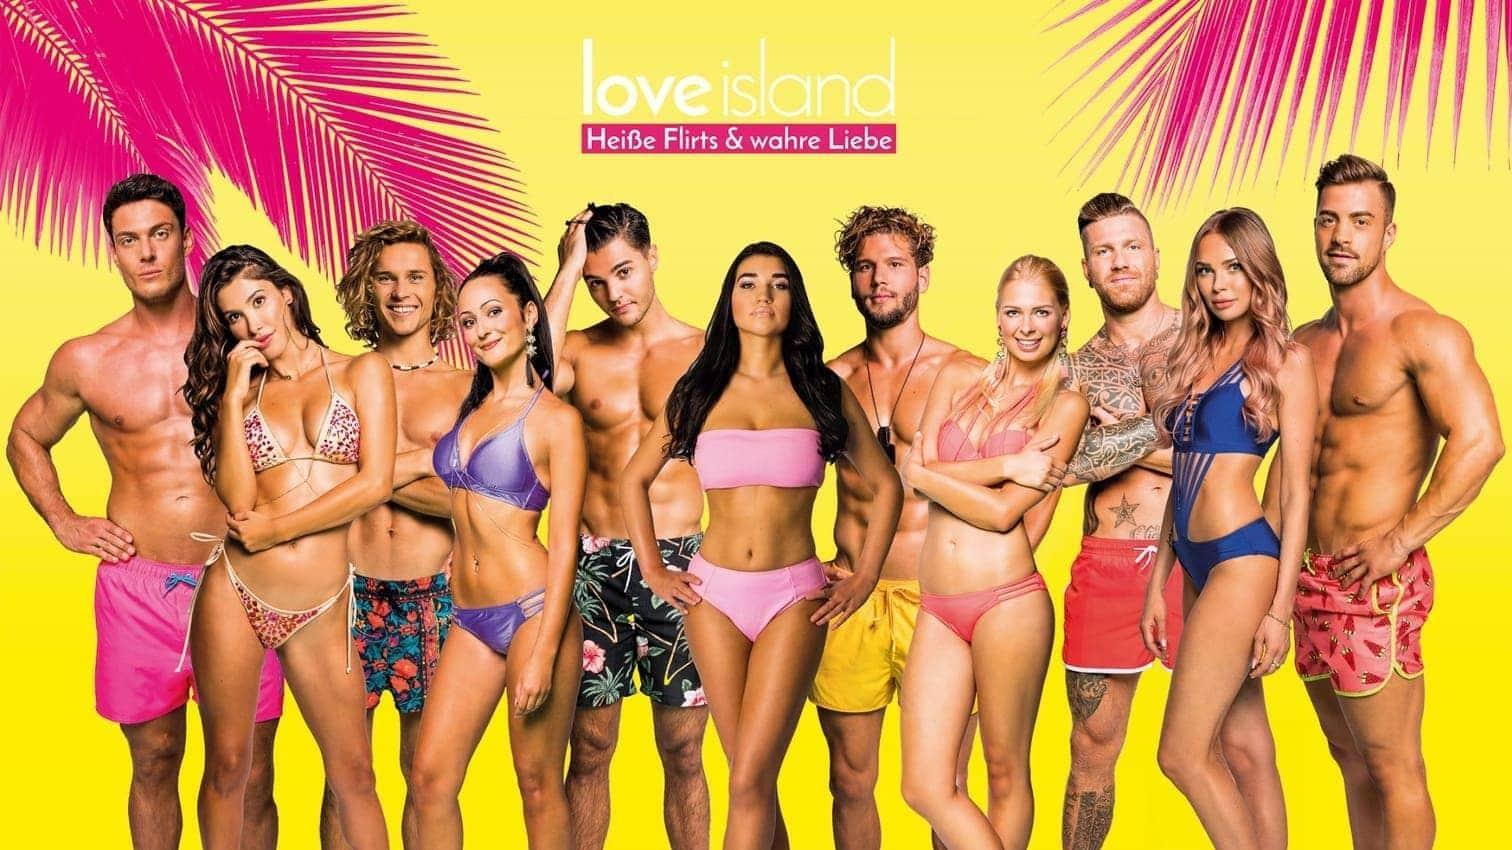 Love Island 2021 Deutschland